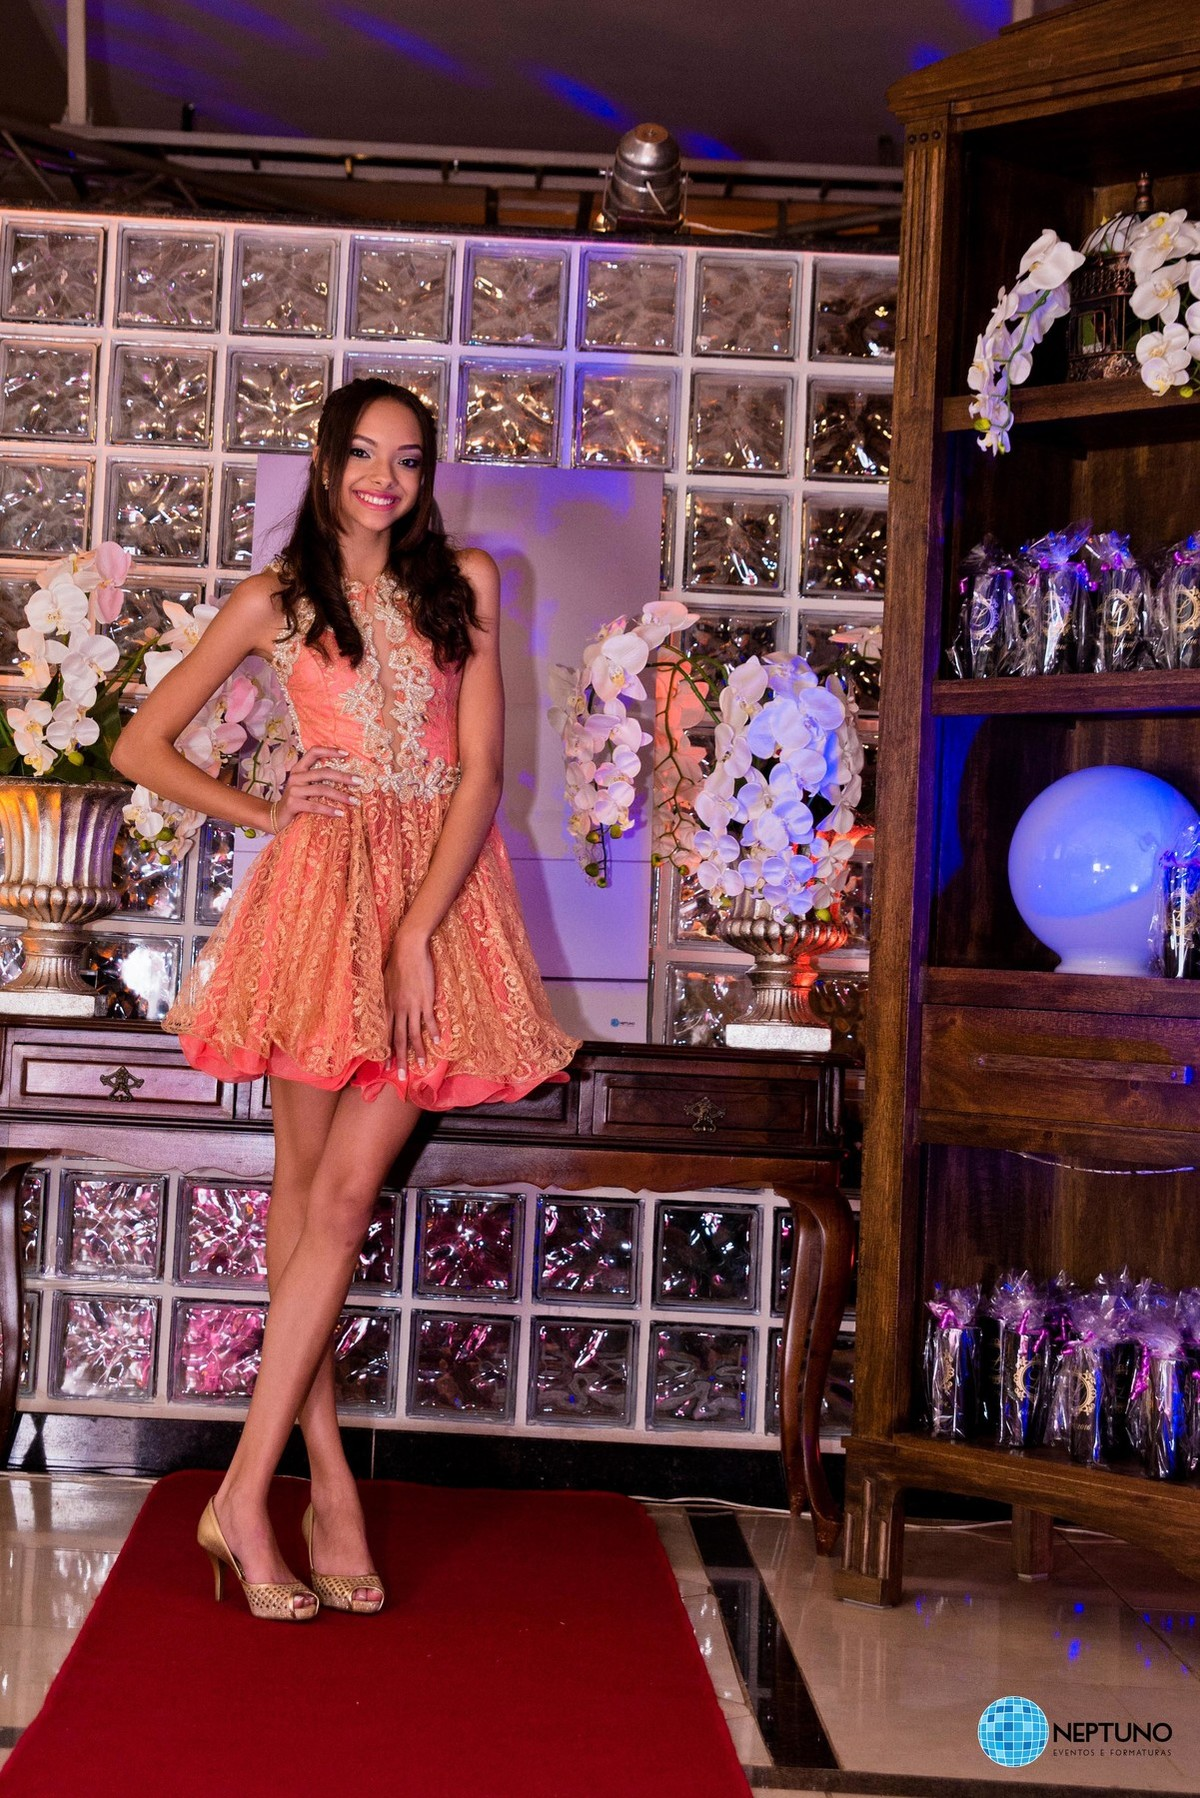 Aniversário 15 anos Larissa Alves  Neptuno Eventos e Formaturas